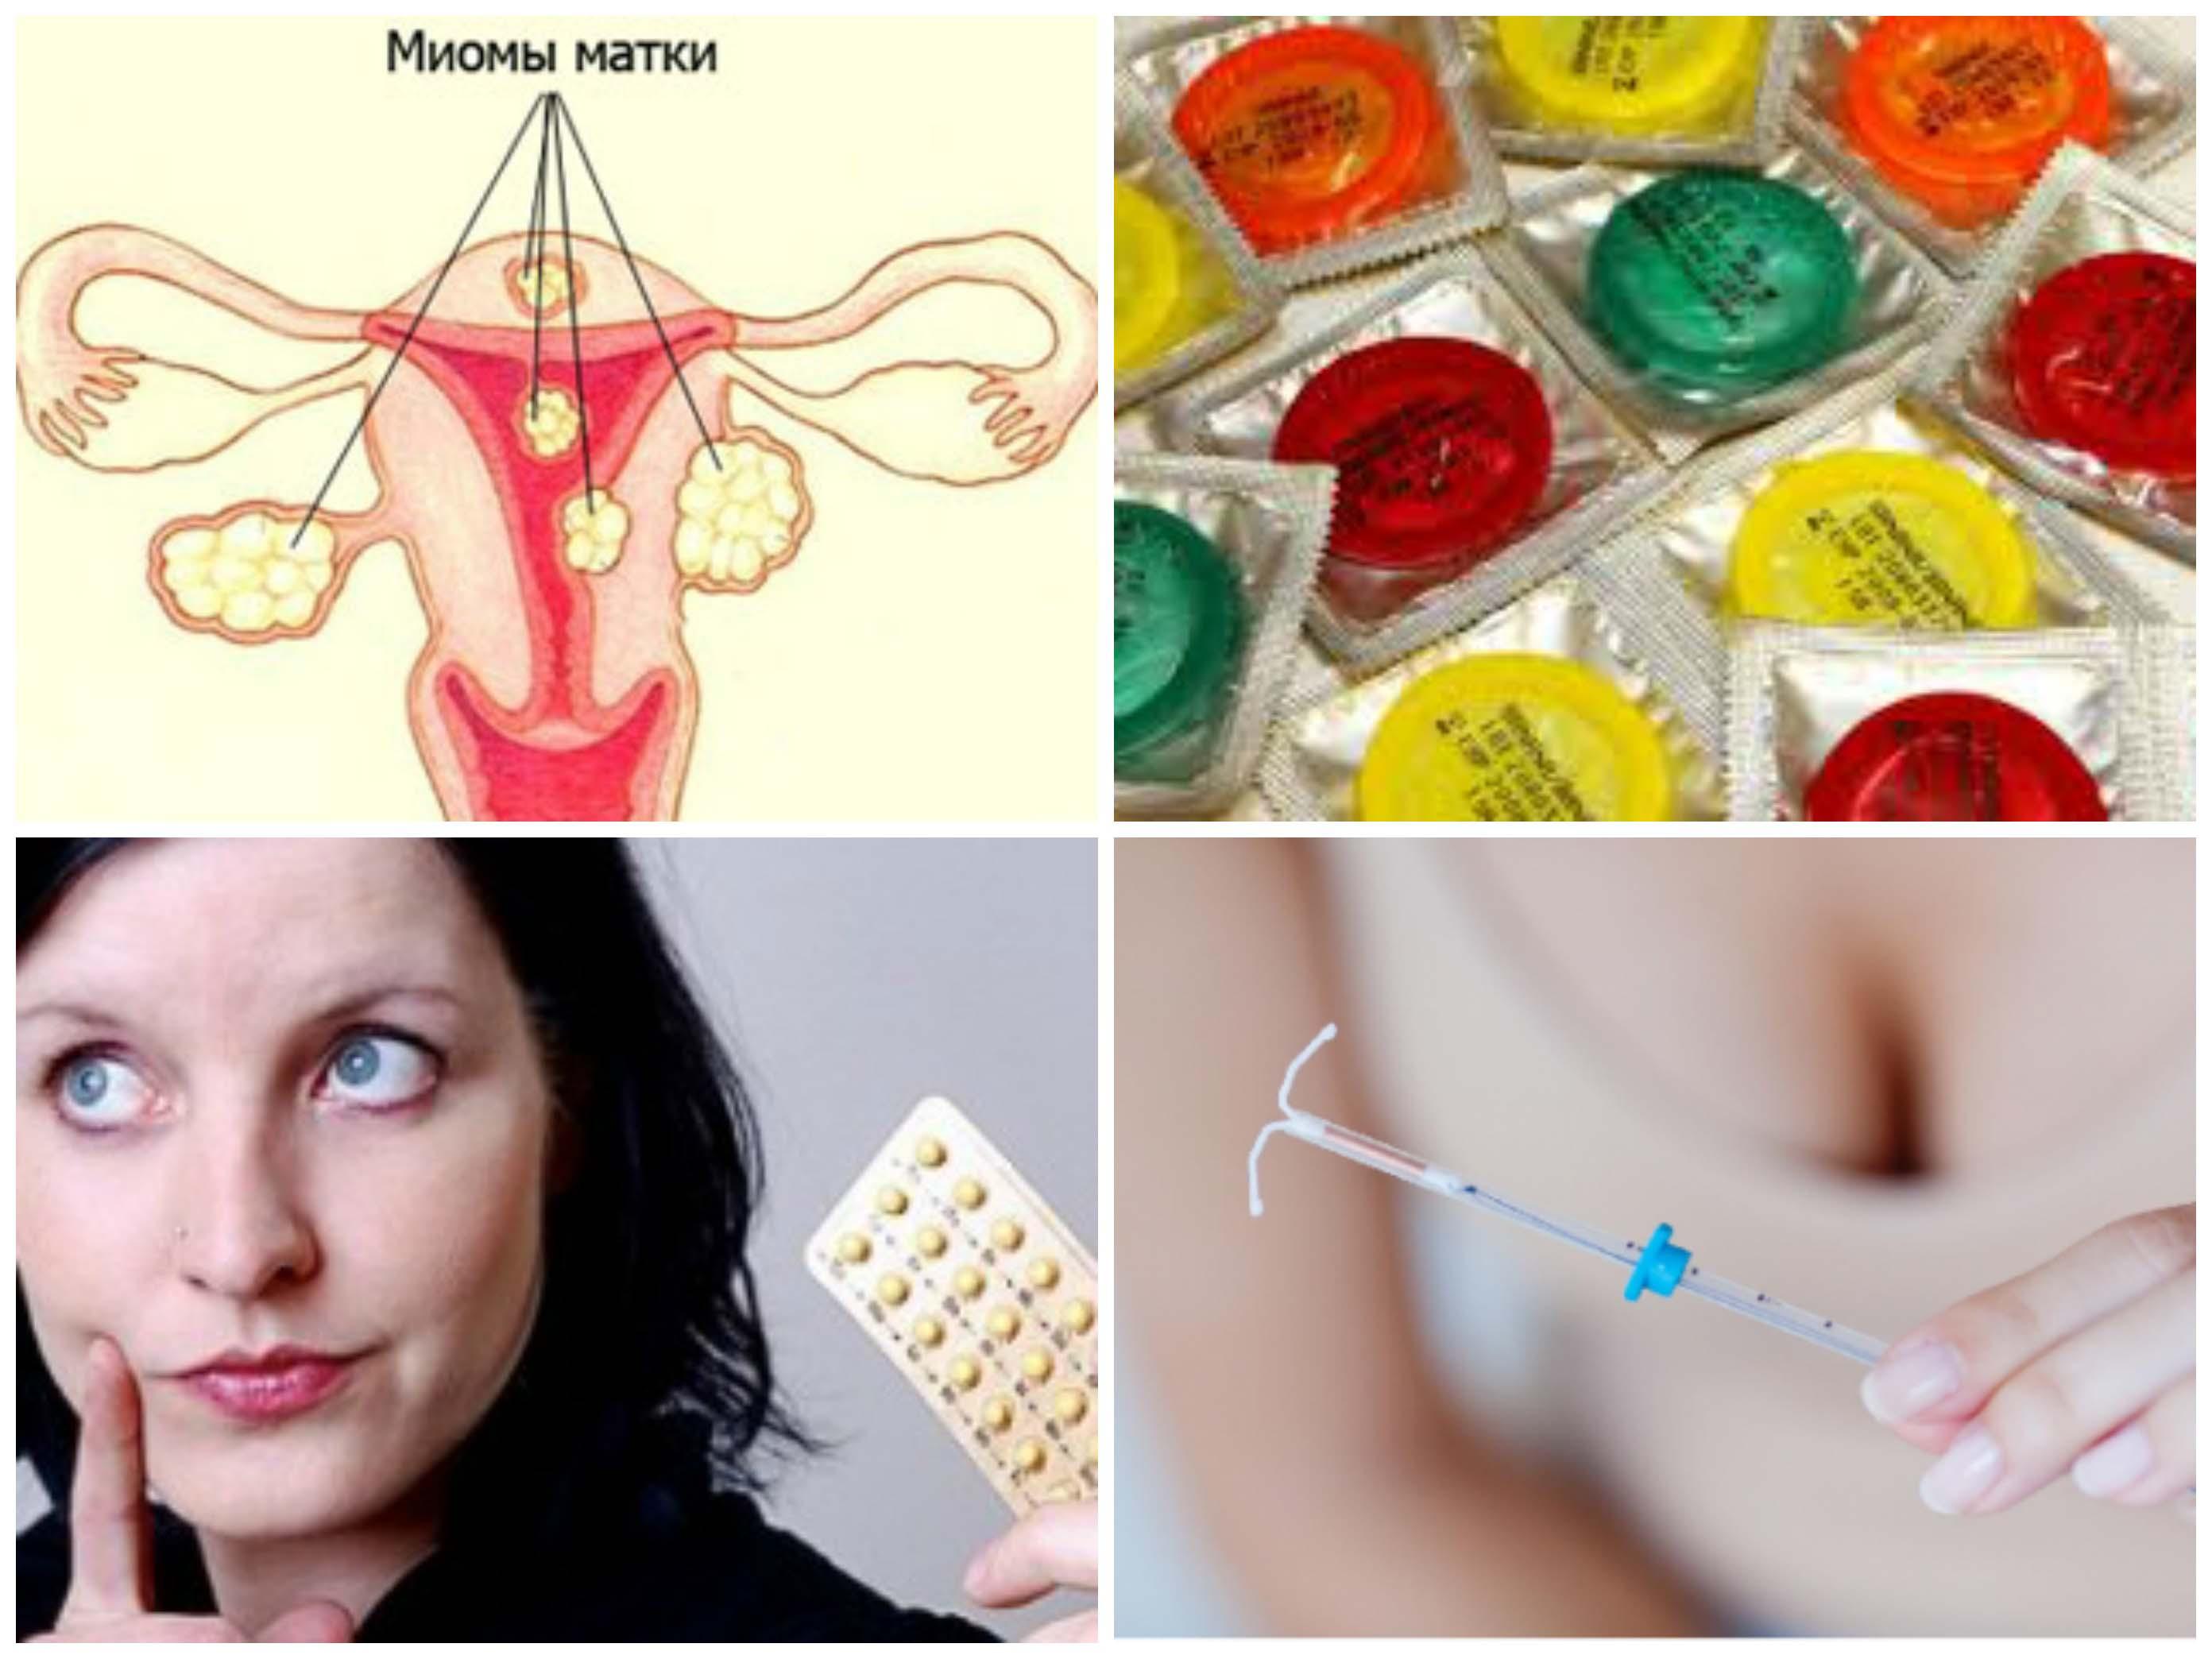 как похудеть если принимаешь гормональные препараты